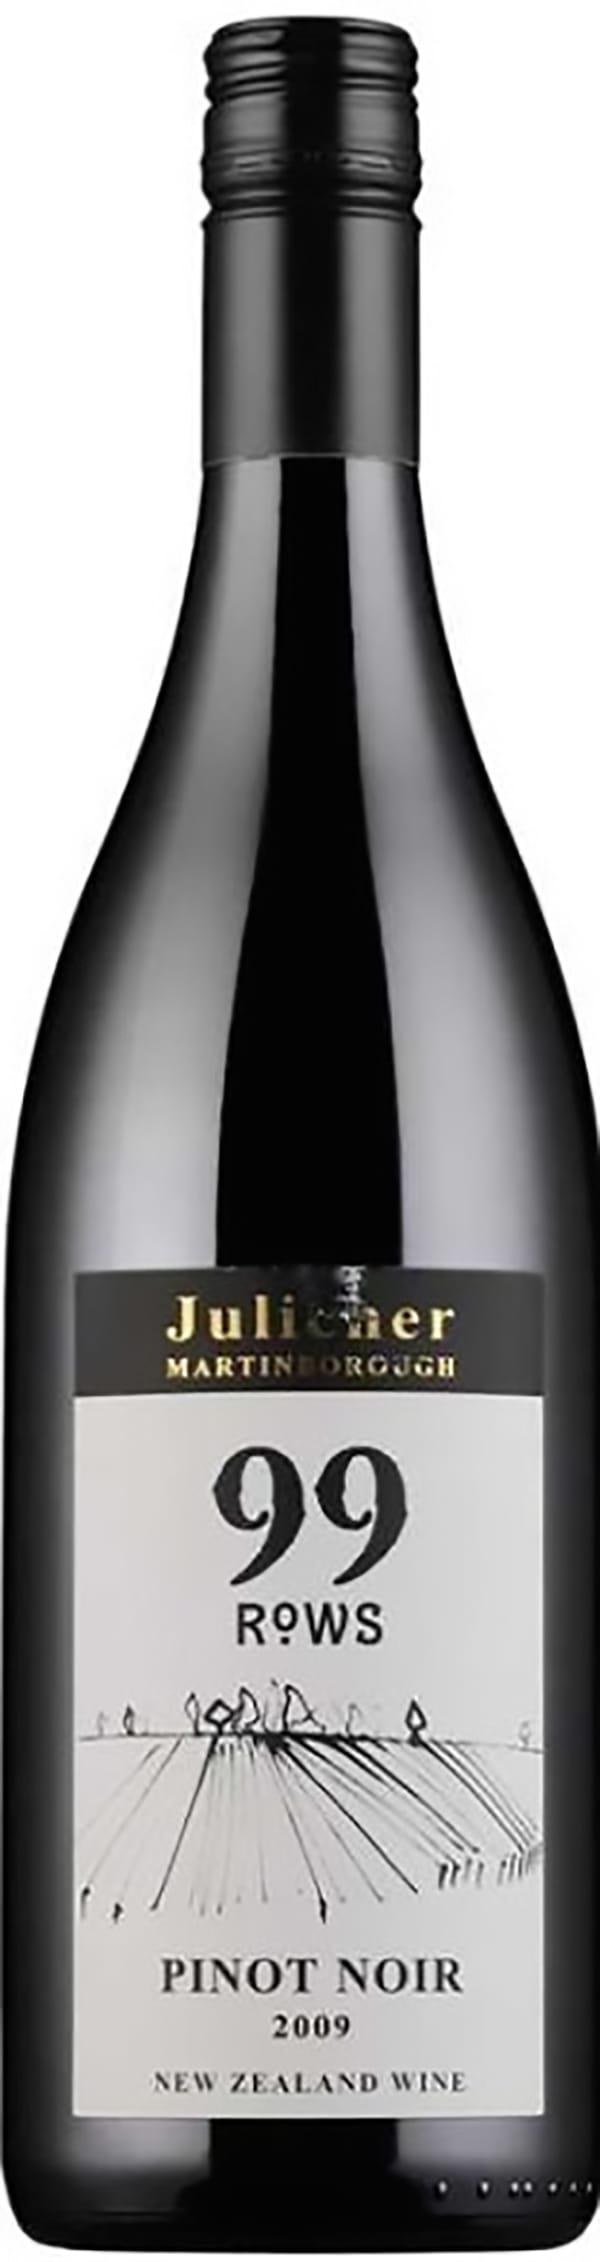 Julicher 99 Rows Pinot Noir 2013